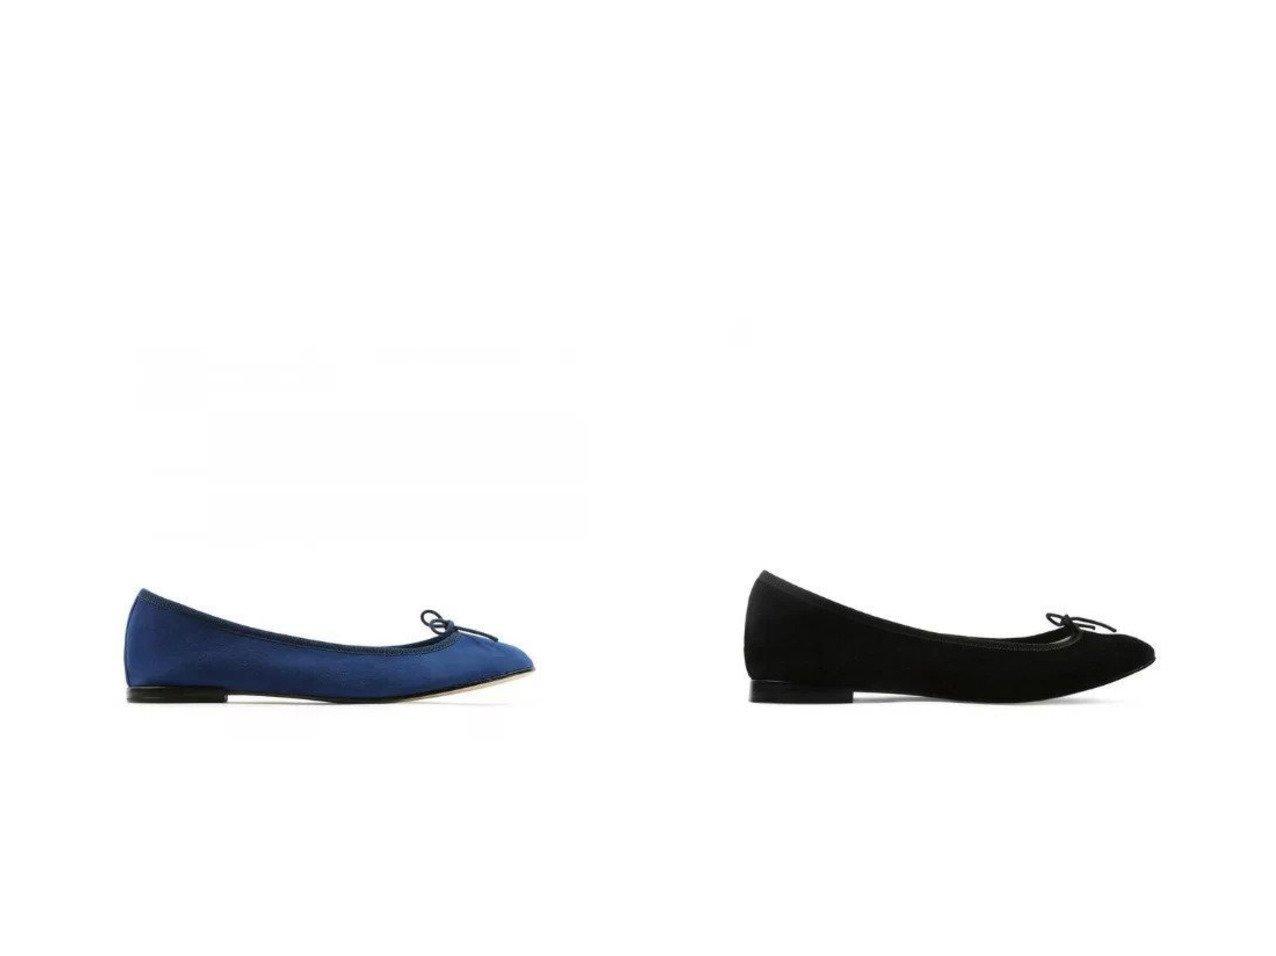 【repetto/レペット】のCendrillon Ballerinas&Cendrillon Ballerinas 【シューズ・靴】おすすめ!人気、トレンド・レディースファッションの通販   おすすめで人気の流行・トレンド、ファッションの通販商品 インテリア・家具・メンズファッション・キッズファッション・レディースファッション・服の通販 founy(ファニー) https://founy.com/ ファッション Fashion レディースファッション WOMEN インソール キャンバス グログラン コレクション シューズ スエード バレエ フラット レース |ID:crp329100000058848